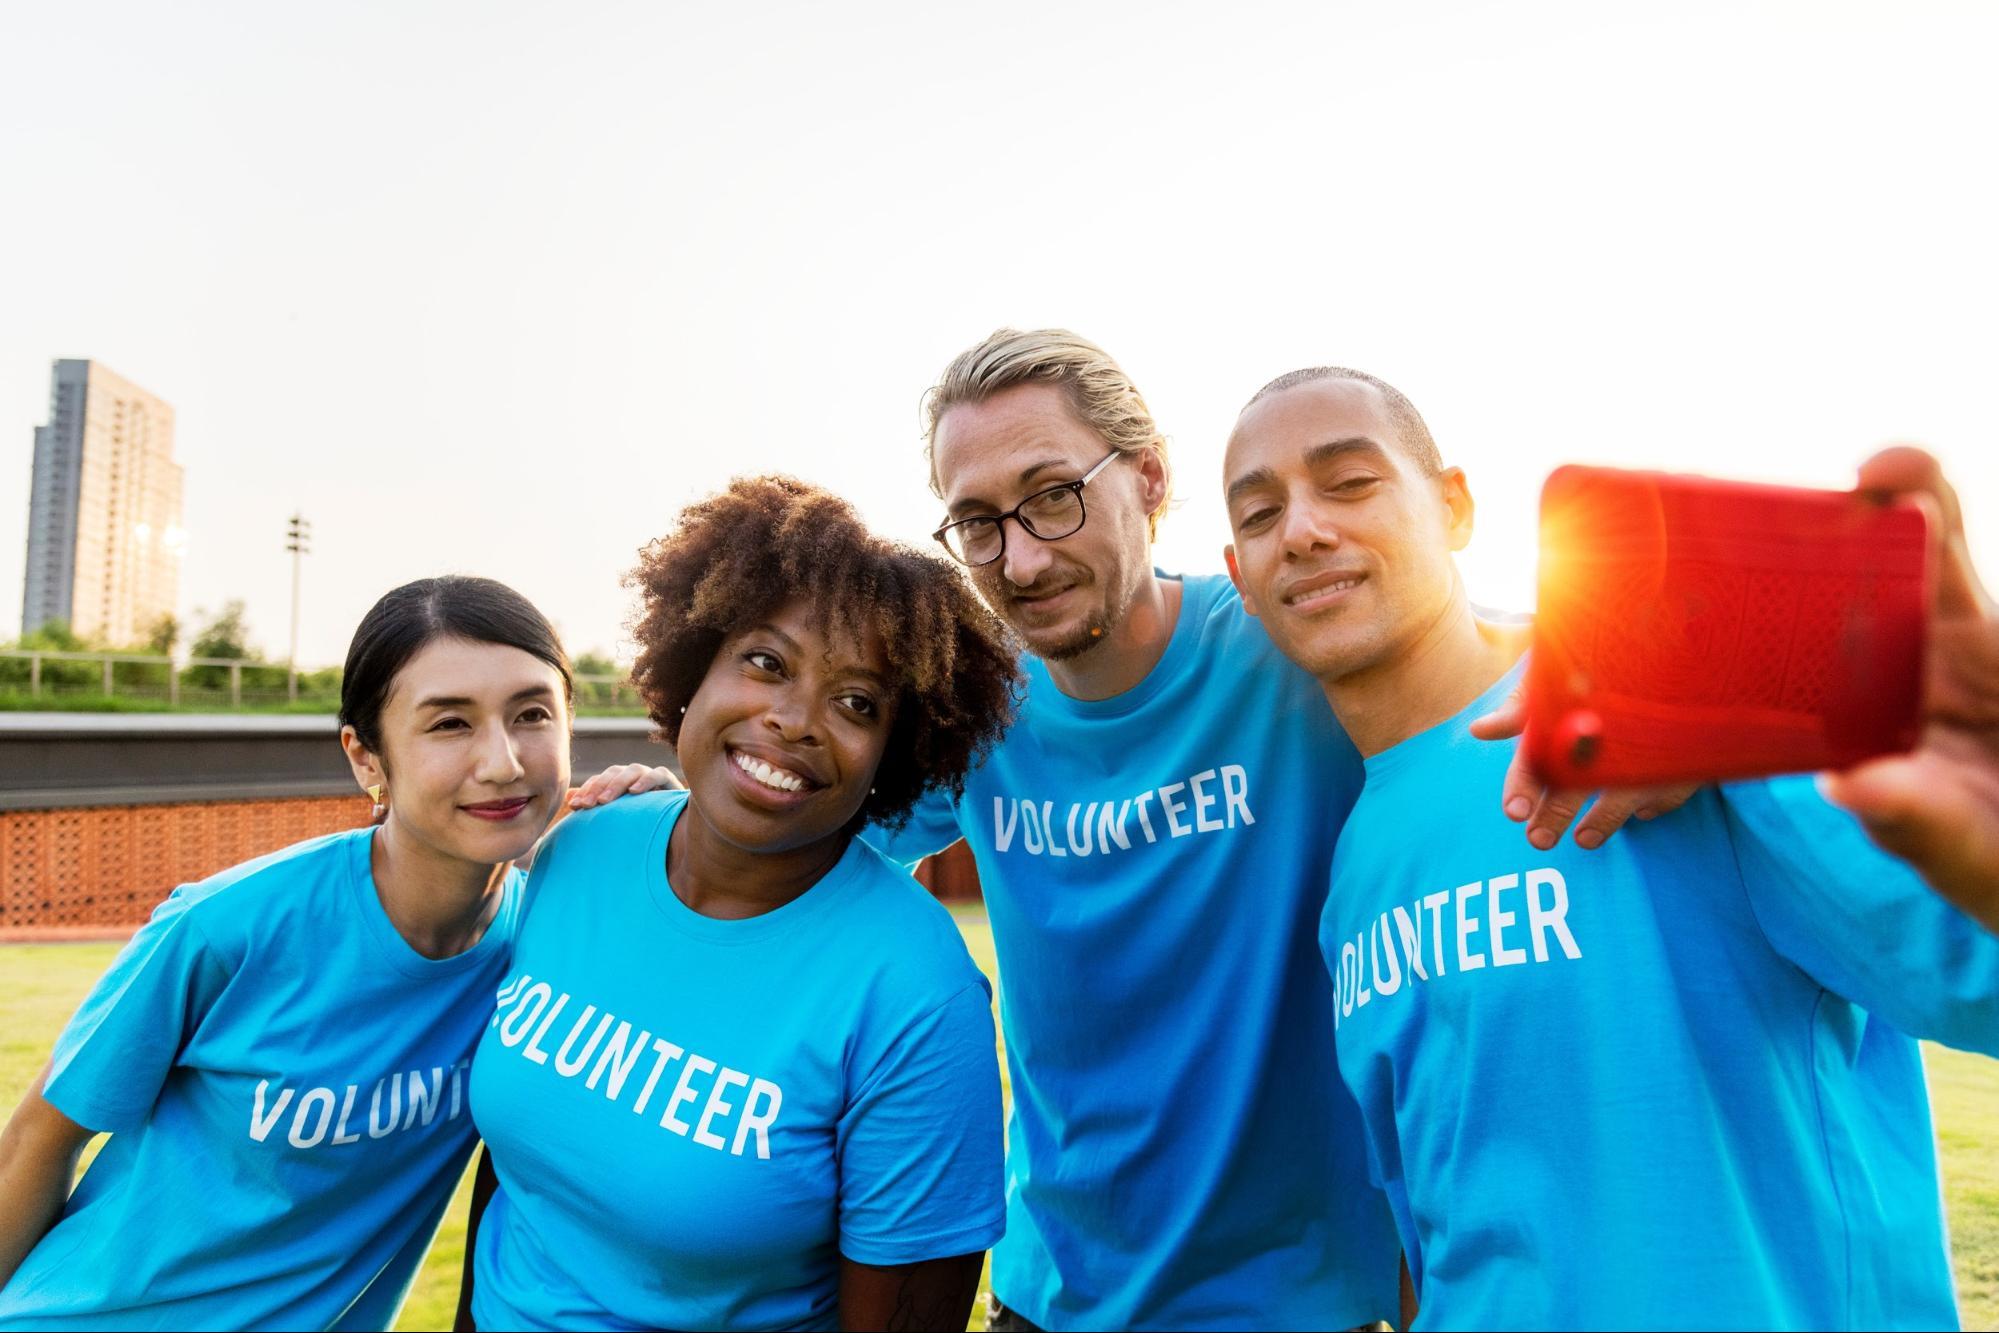 motivating a volunteer team